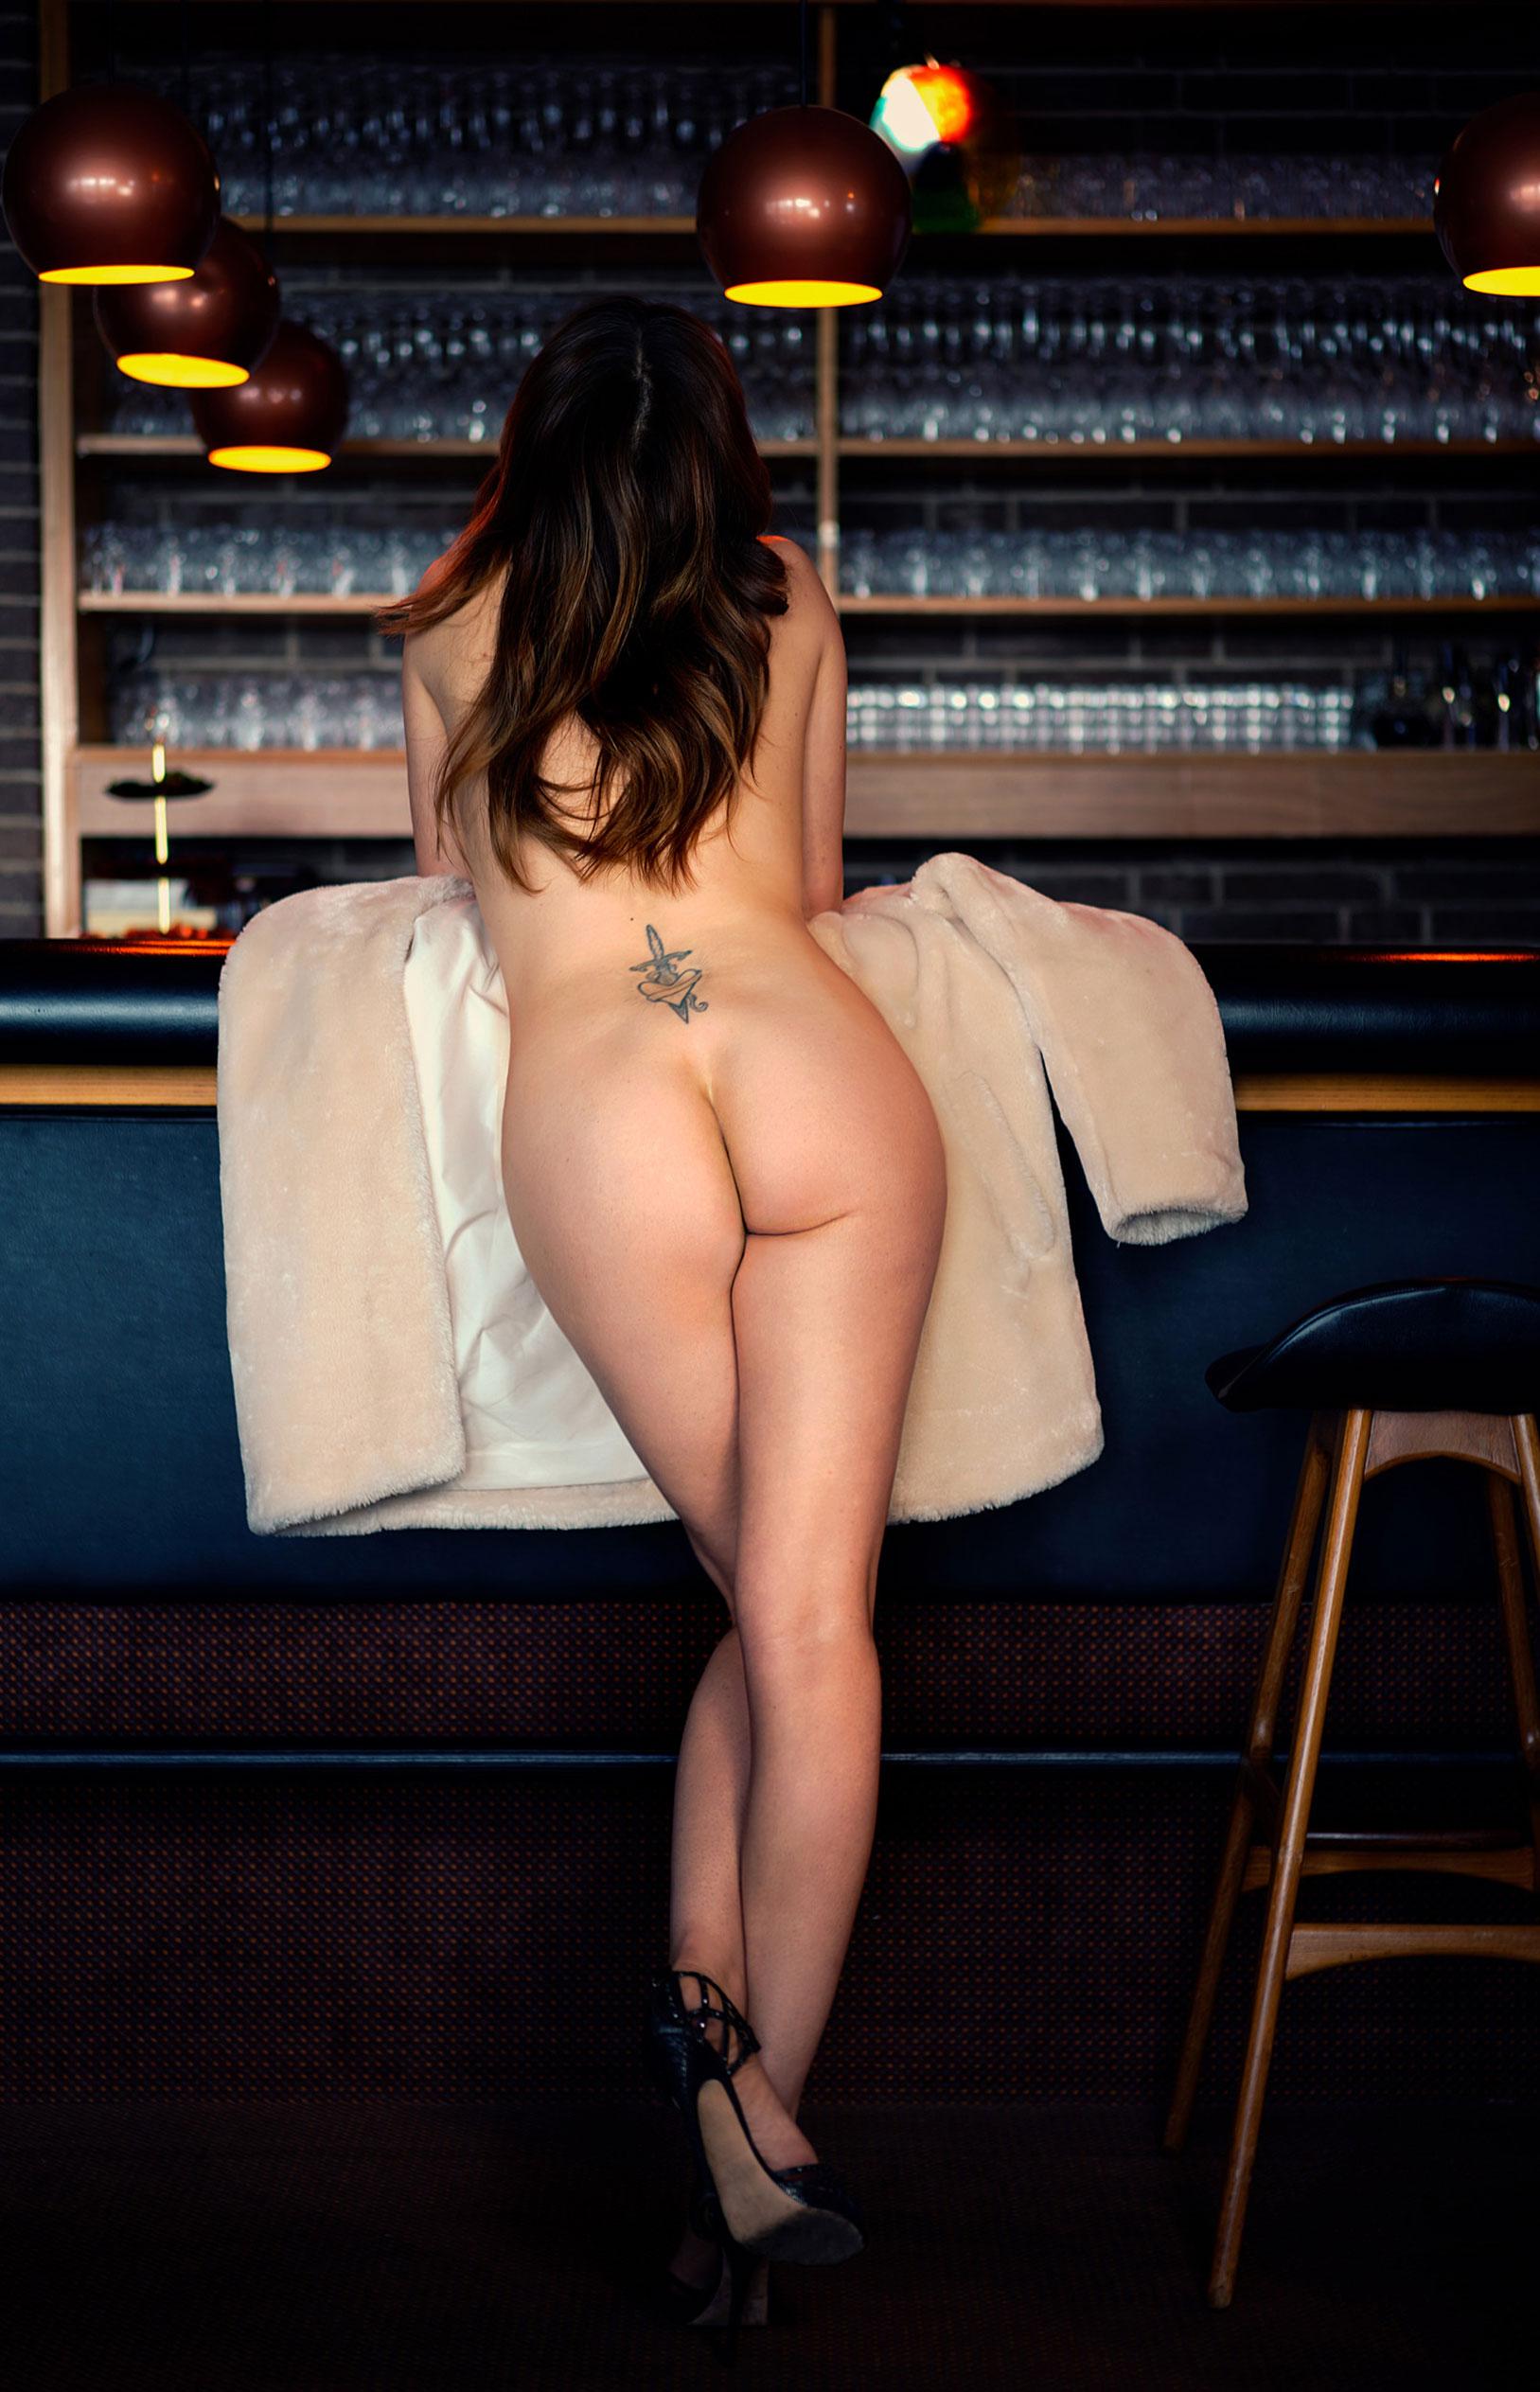 Звезда июльского номера Playboy Германия - актриса и музыкант Ина Пауле Клинк / фото 14